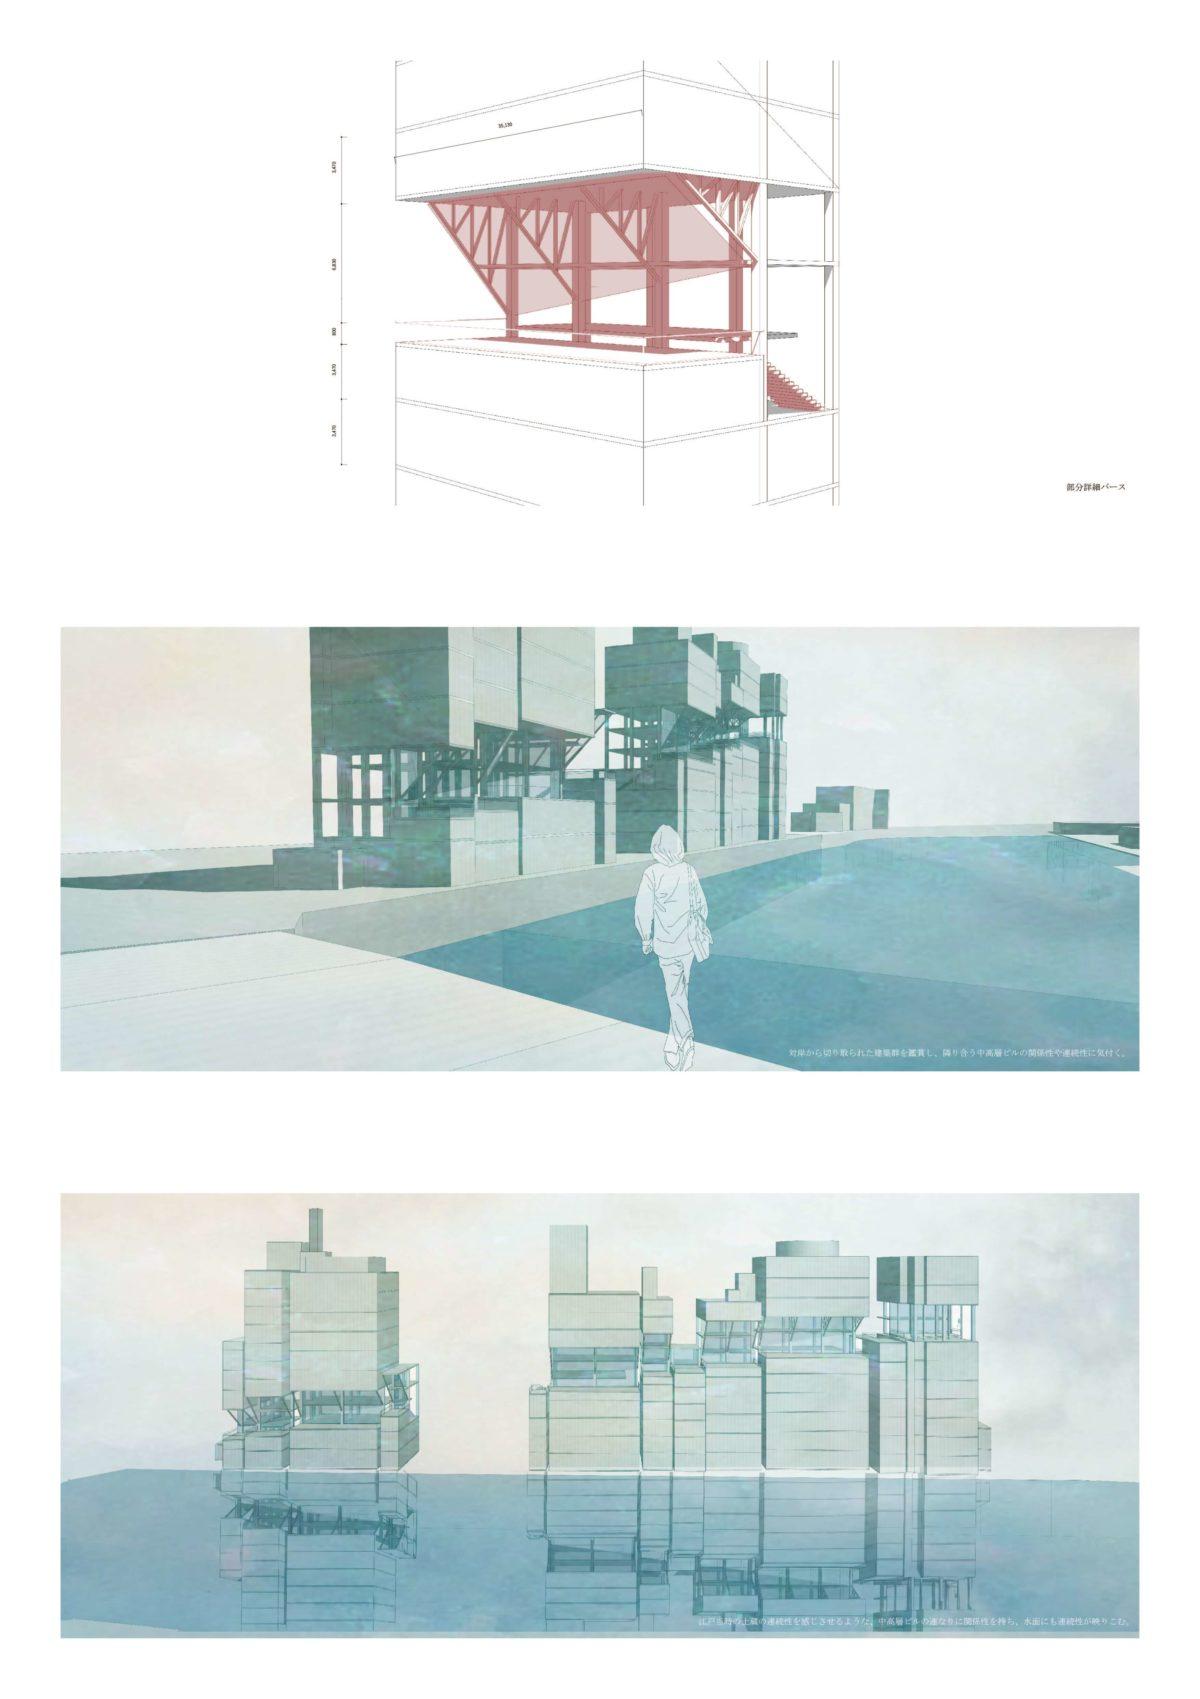 風景を想起する第五世代美術館建築 -歌川広重による名所江戸百景の分析を通して--8